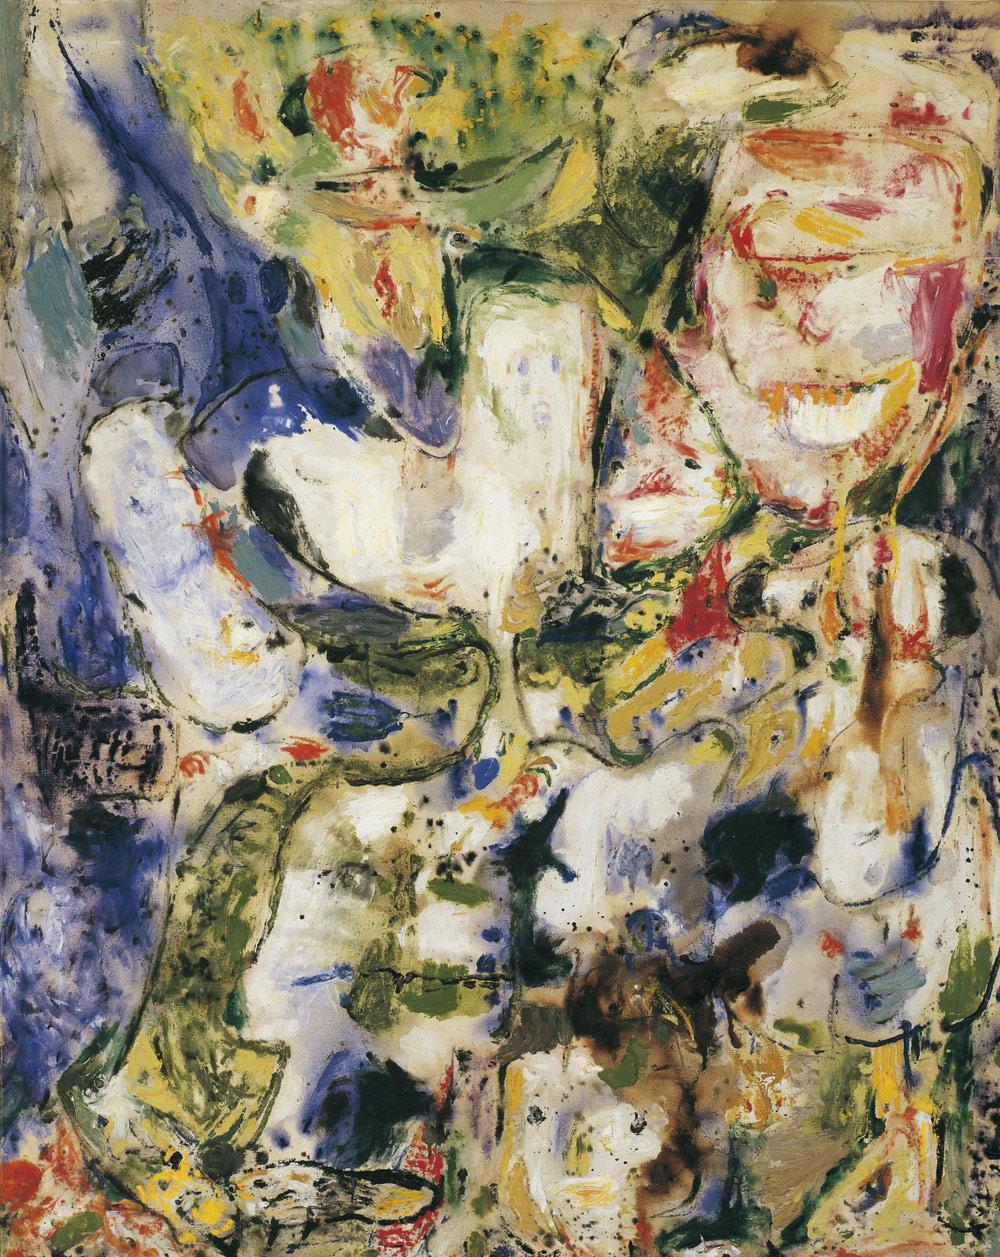 Asger Jorn, Senza titolo (1956–57; olio su tela, 141 x 110,1 cm; Venezia, Collezione Peggy Guggenheim) © Donation Jorn, Silkeborg, by SIAE 2019